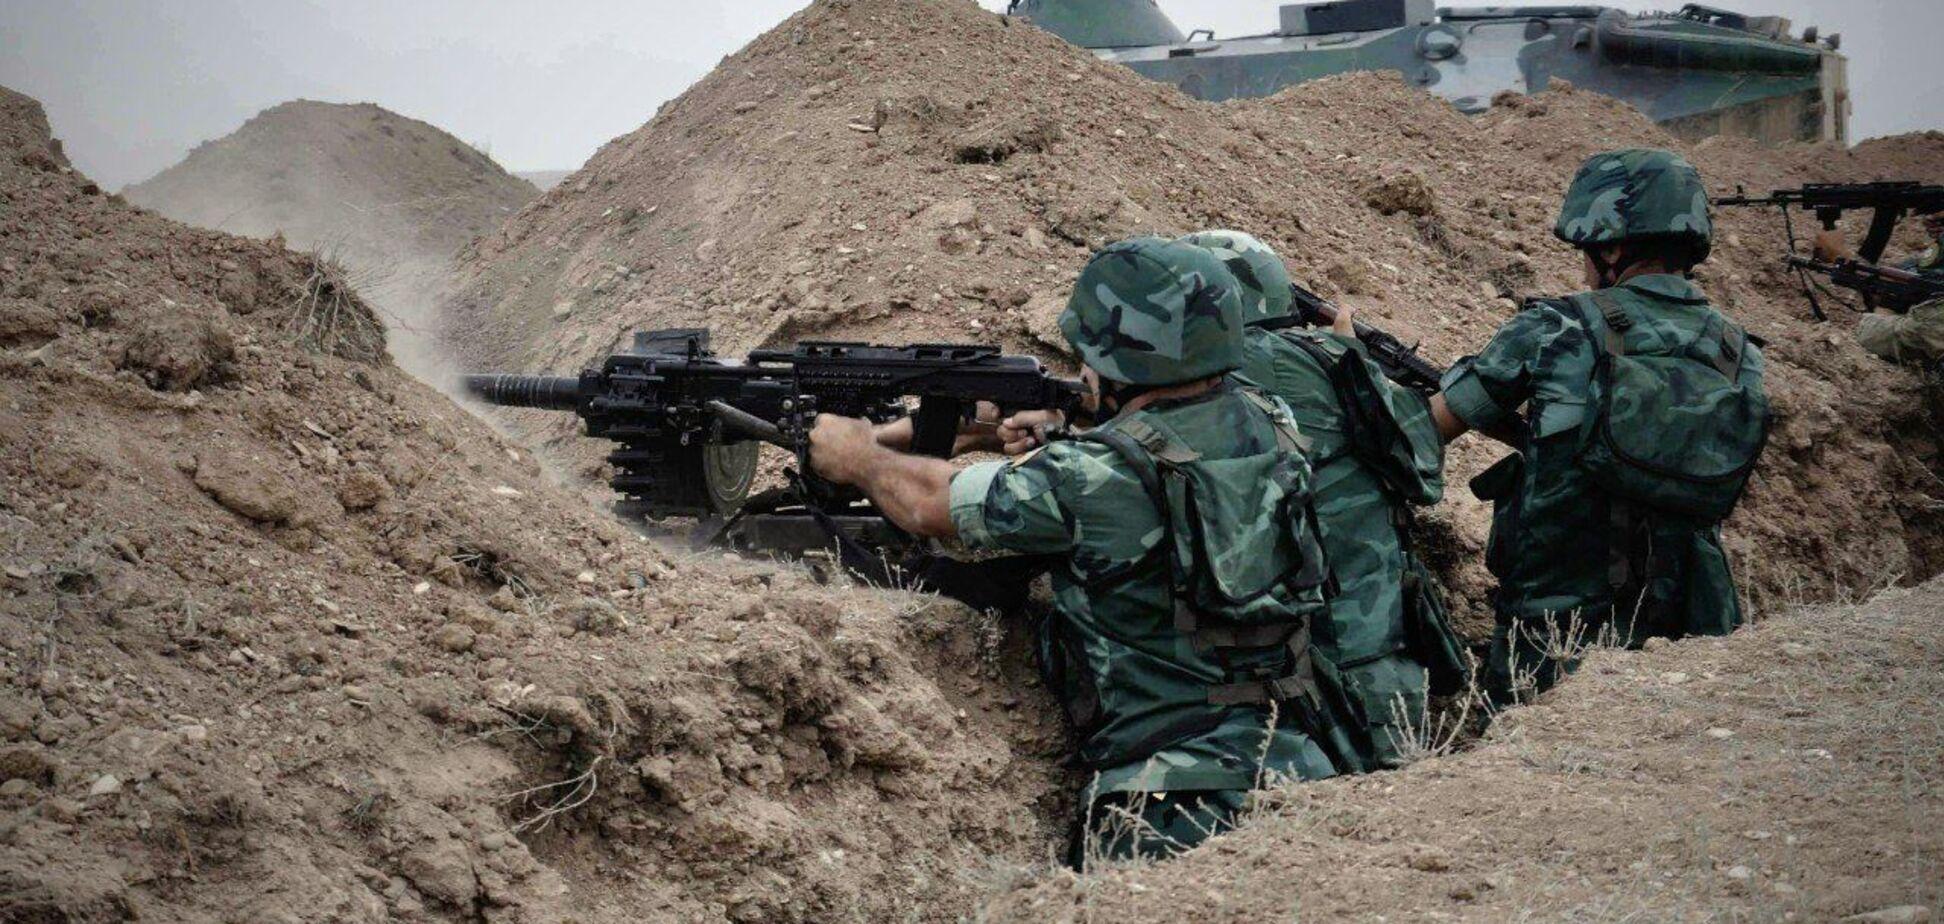 В Нагорном Карабахе продолжились бои между Азербайджаном и Арменией